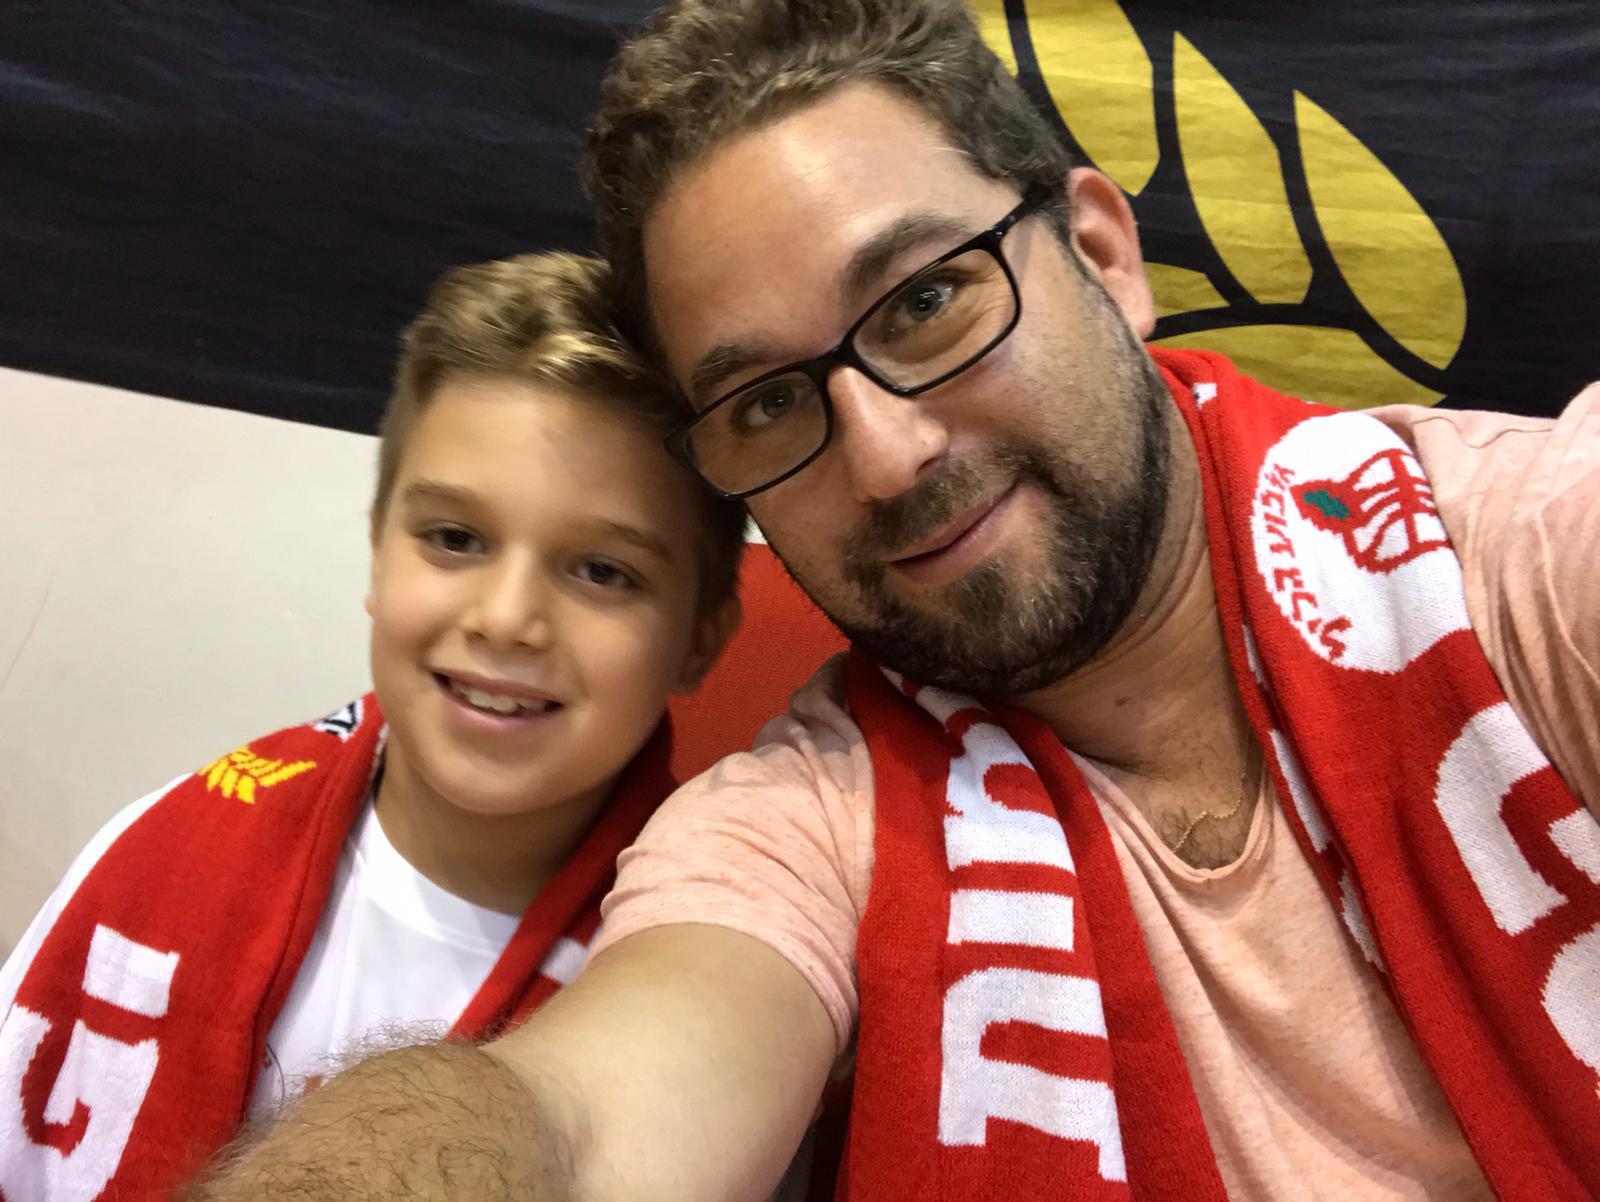 שיחה עם אסף ורפאל שוורץ על כדורסל, חינוך וקהילה